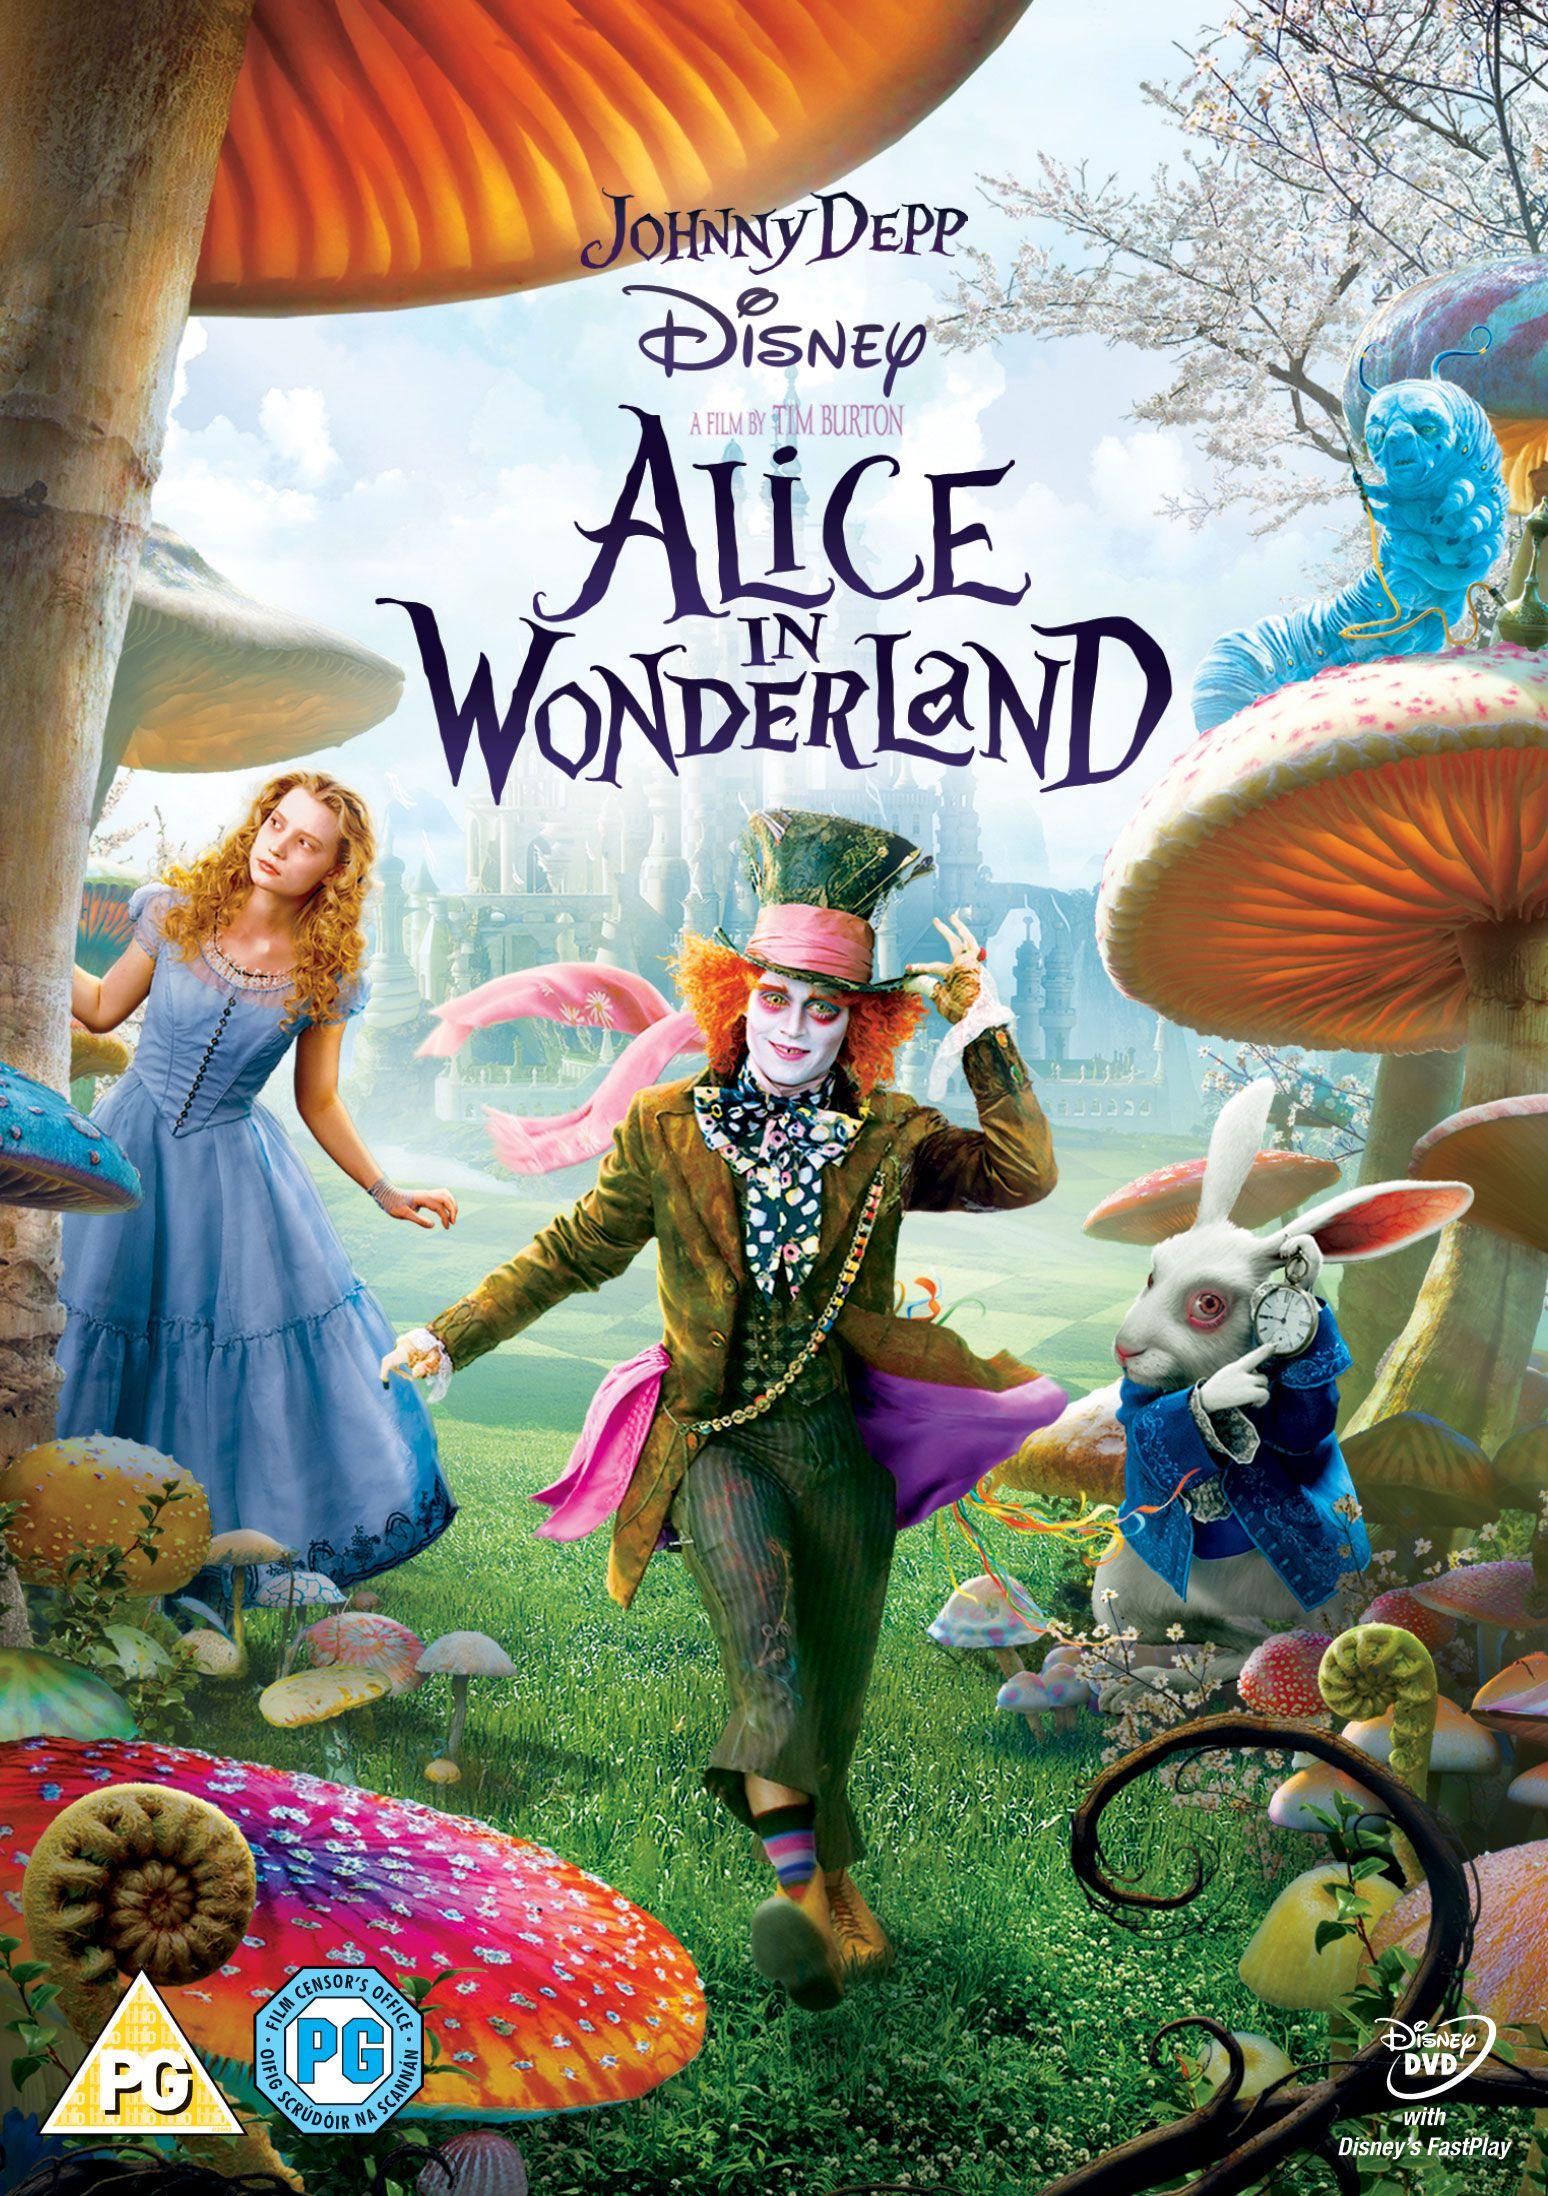 Alice In Wonderland Dvd Peliculas De Disney Alicia En El Pais De Las Maravillas Afiche De Pelicula